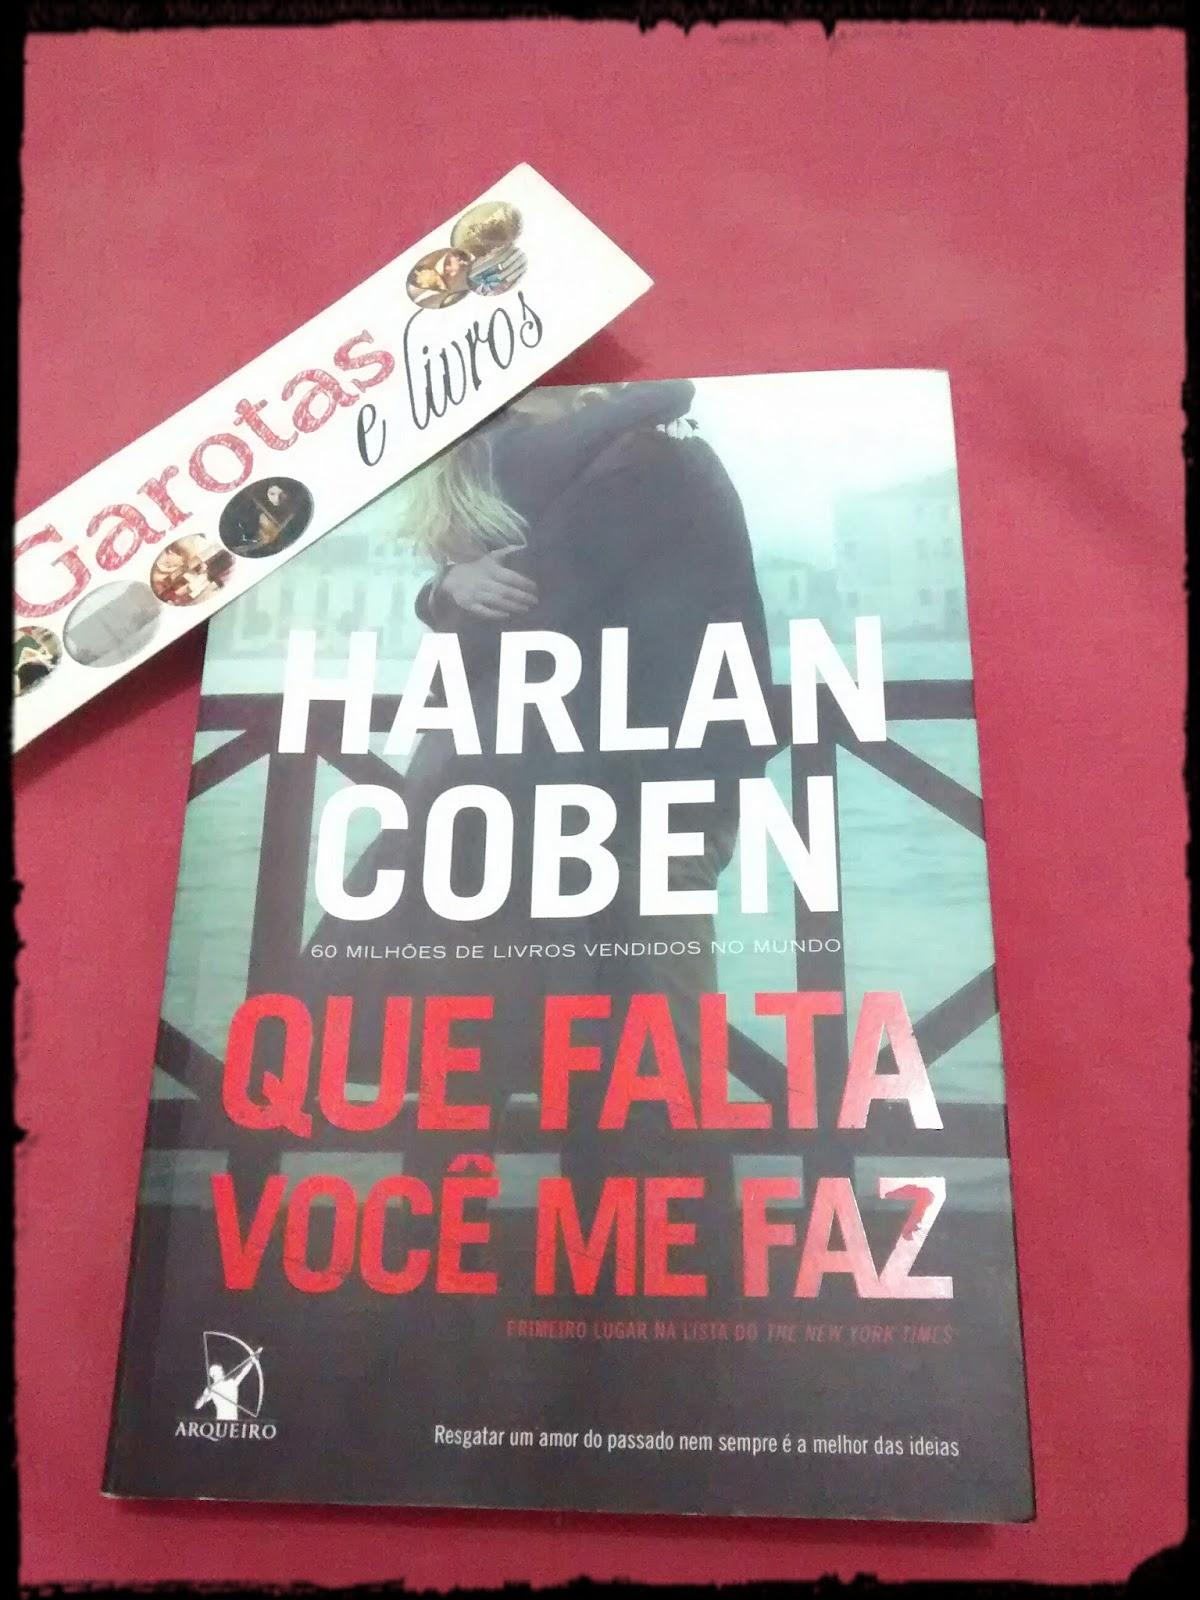 Que falta você me faz - Harlan Coben - Garotas e Livros